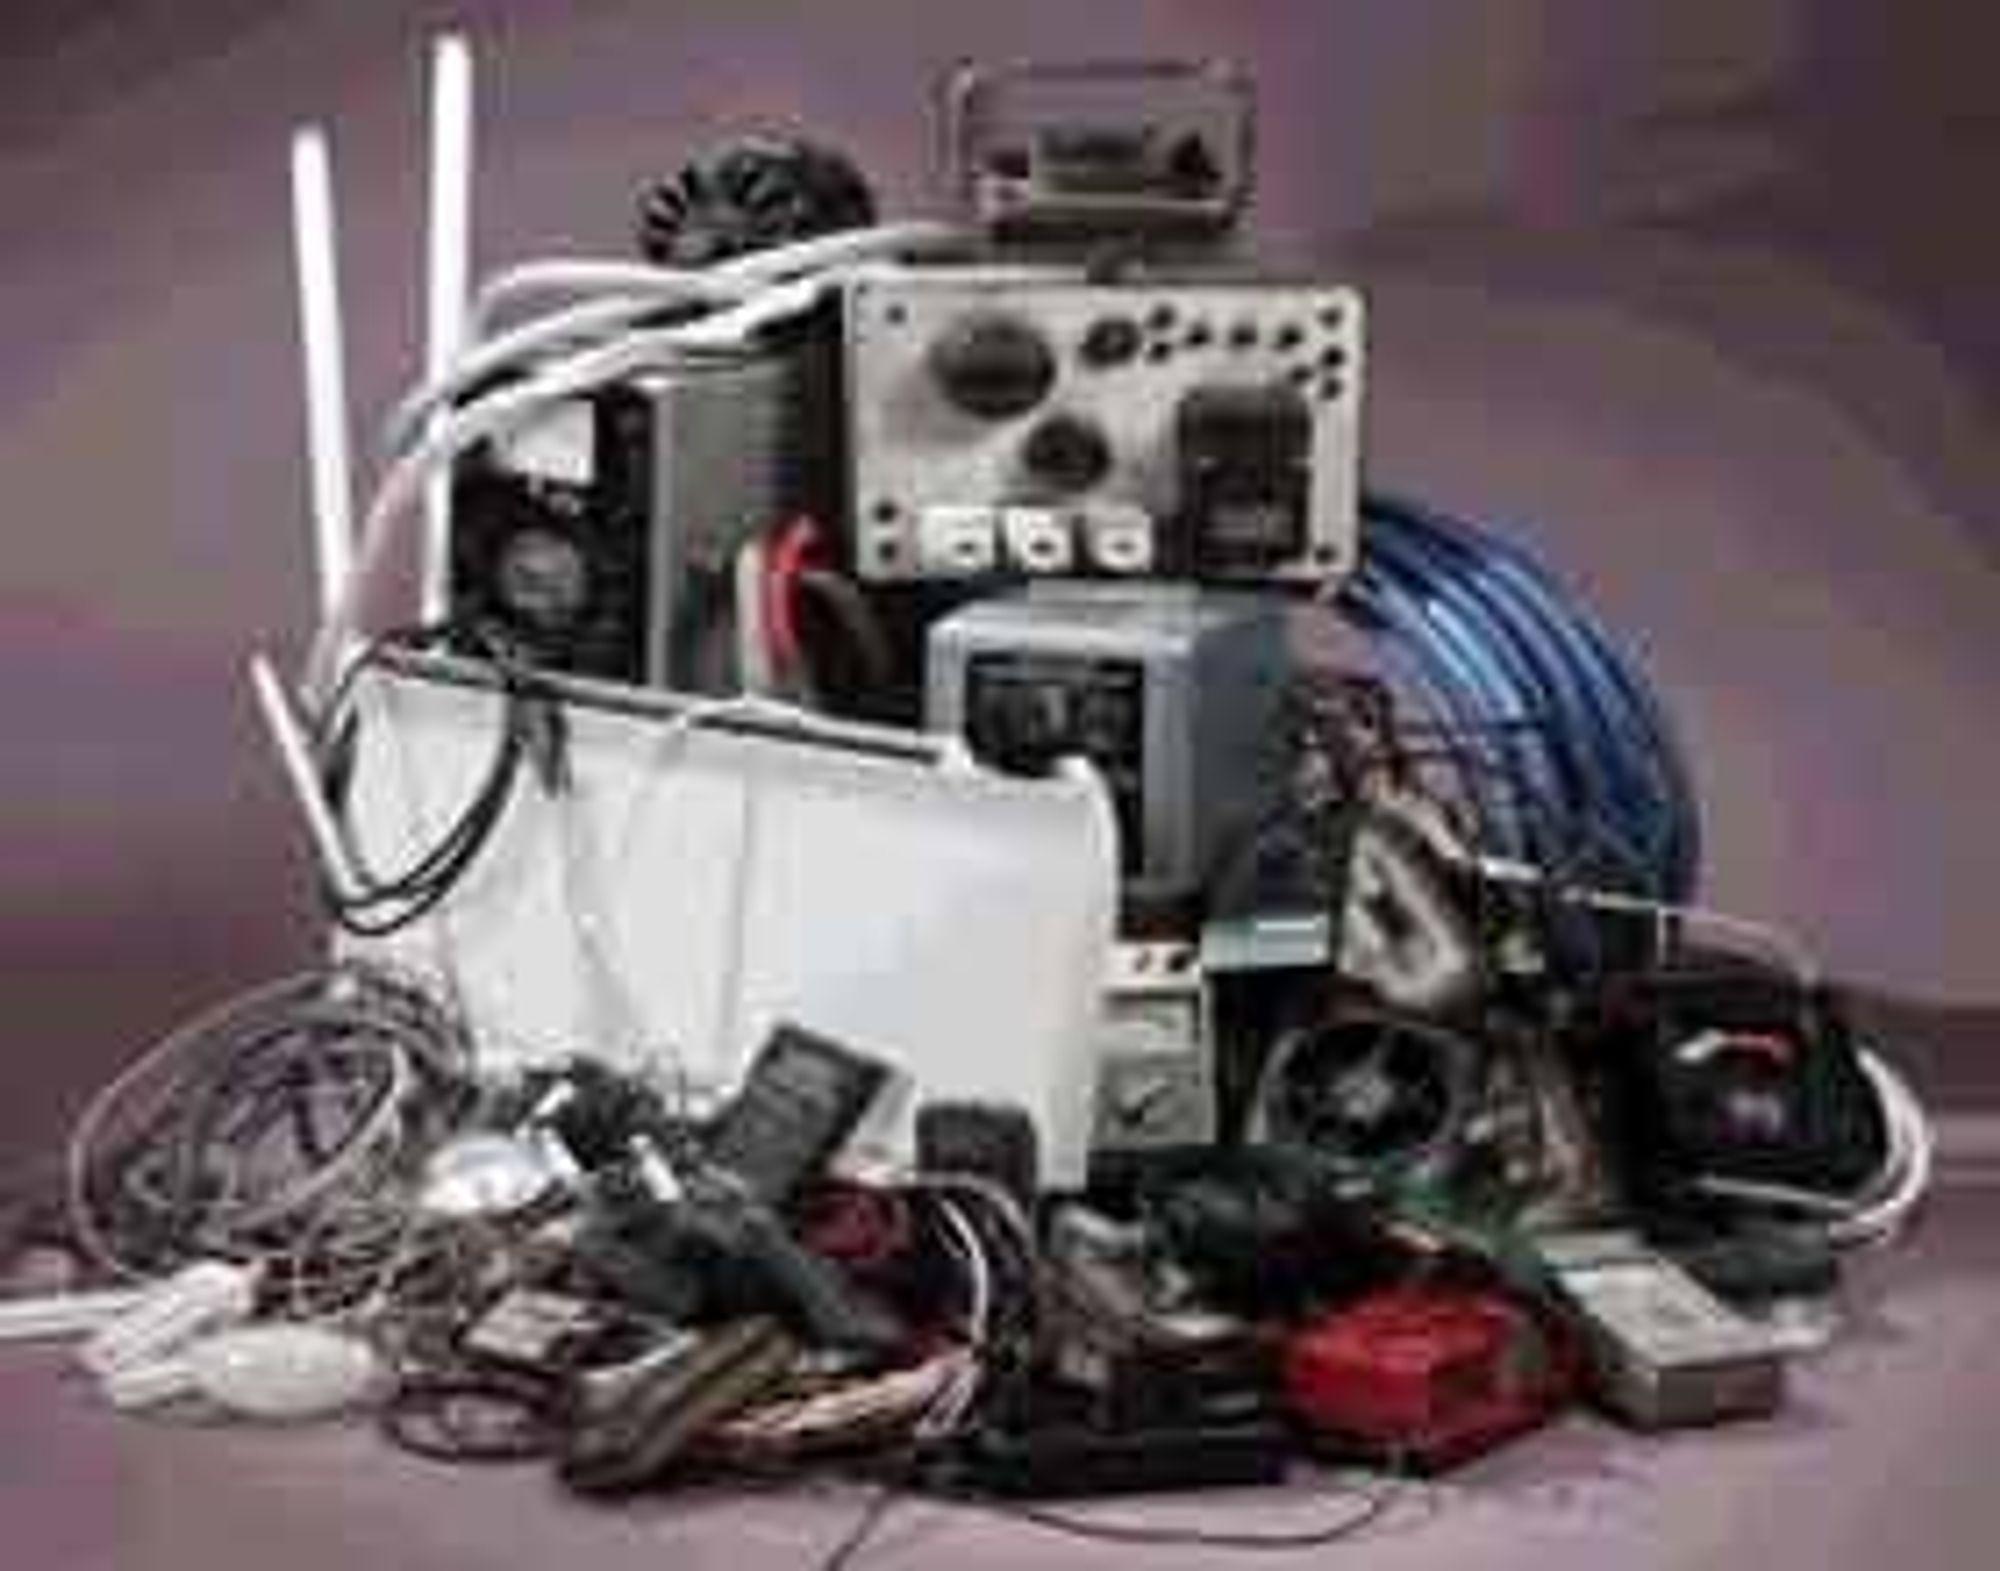 miljøgifter EE-produkteneEE-produktene elektriske og elektroniske EE-avfall elektronikk-avfall elektroavfall gjenvinning miljø Foto: Elgjenvinning